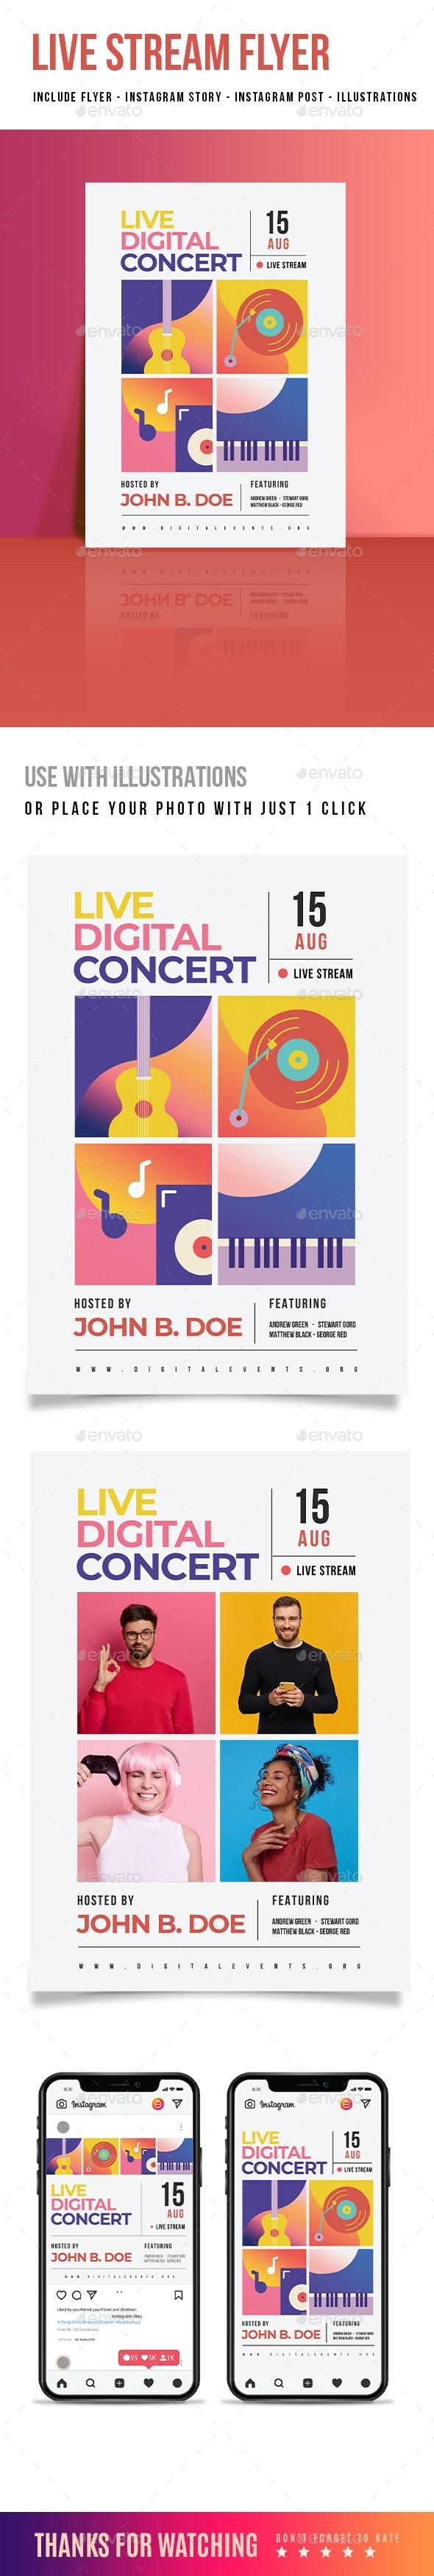 Live Digital Music Flyer - Concerts Events